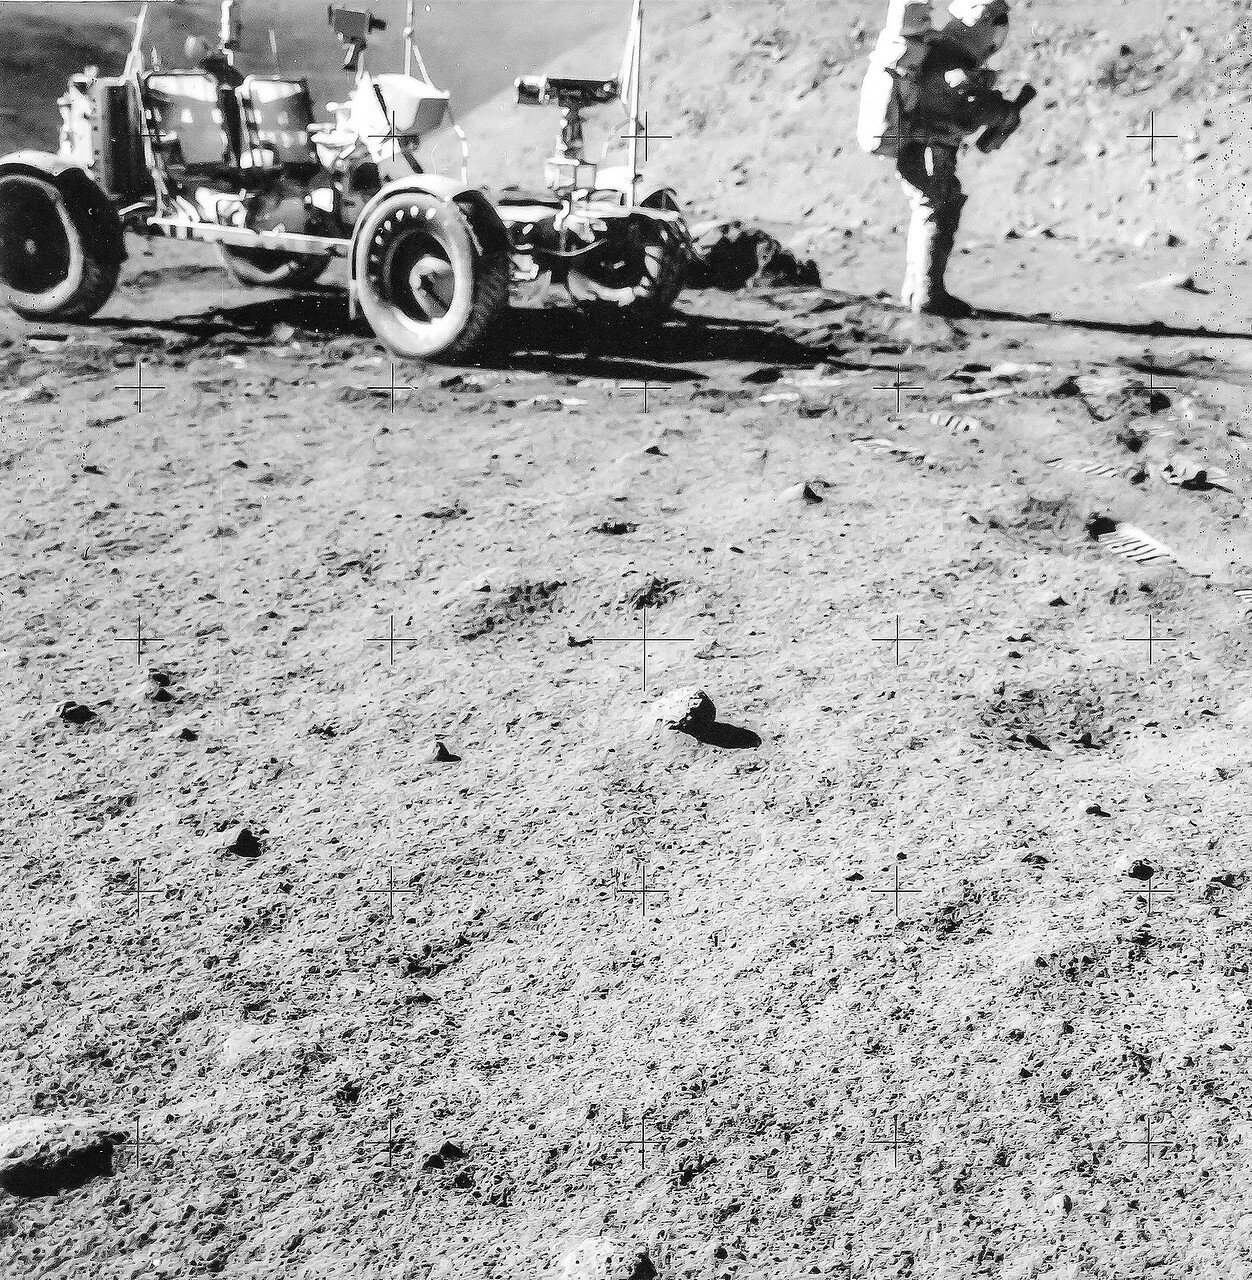 Через тринадцать минут и почти через полтора километра после начала поездки астронавты  выехали на край Борозды Хэдли Рилл